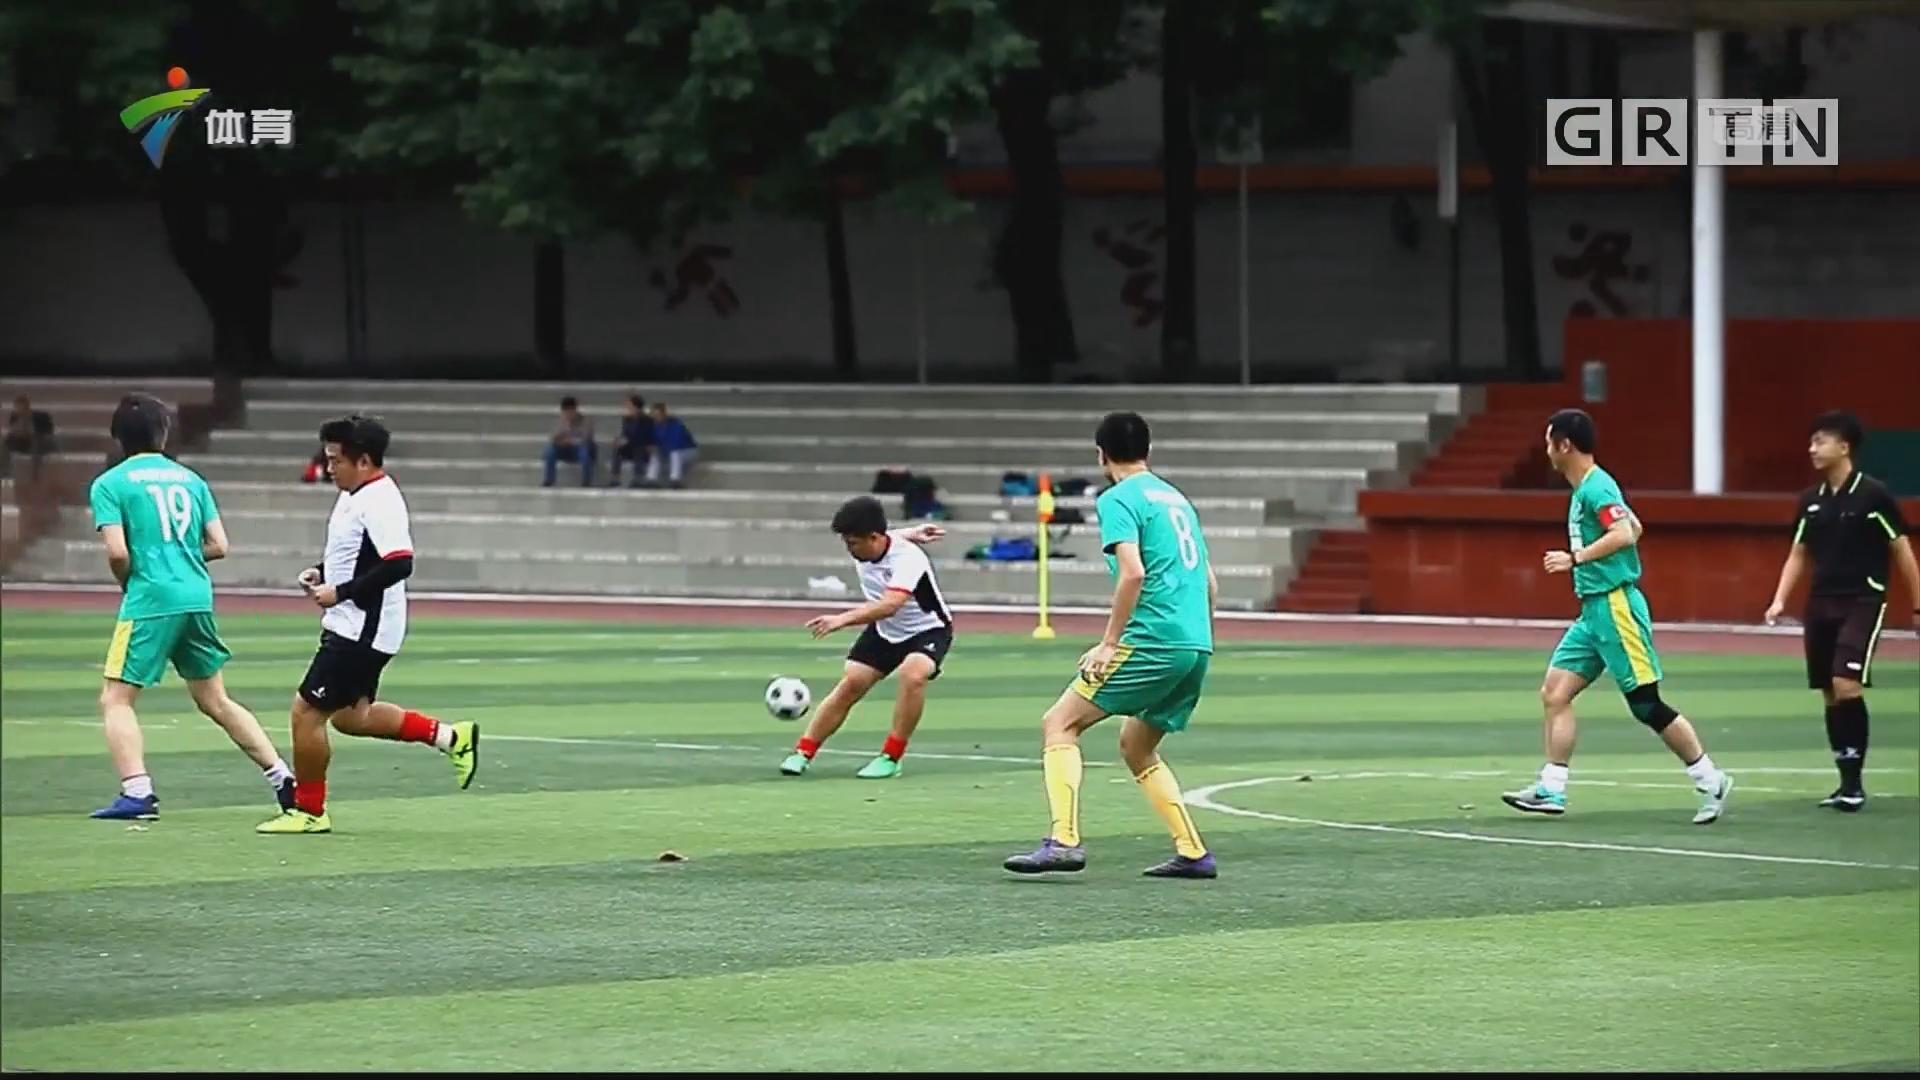 培英联手岁月明星俱乐部 共推校园足球发展